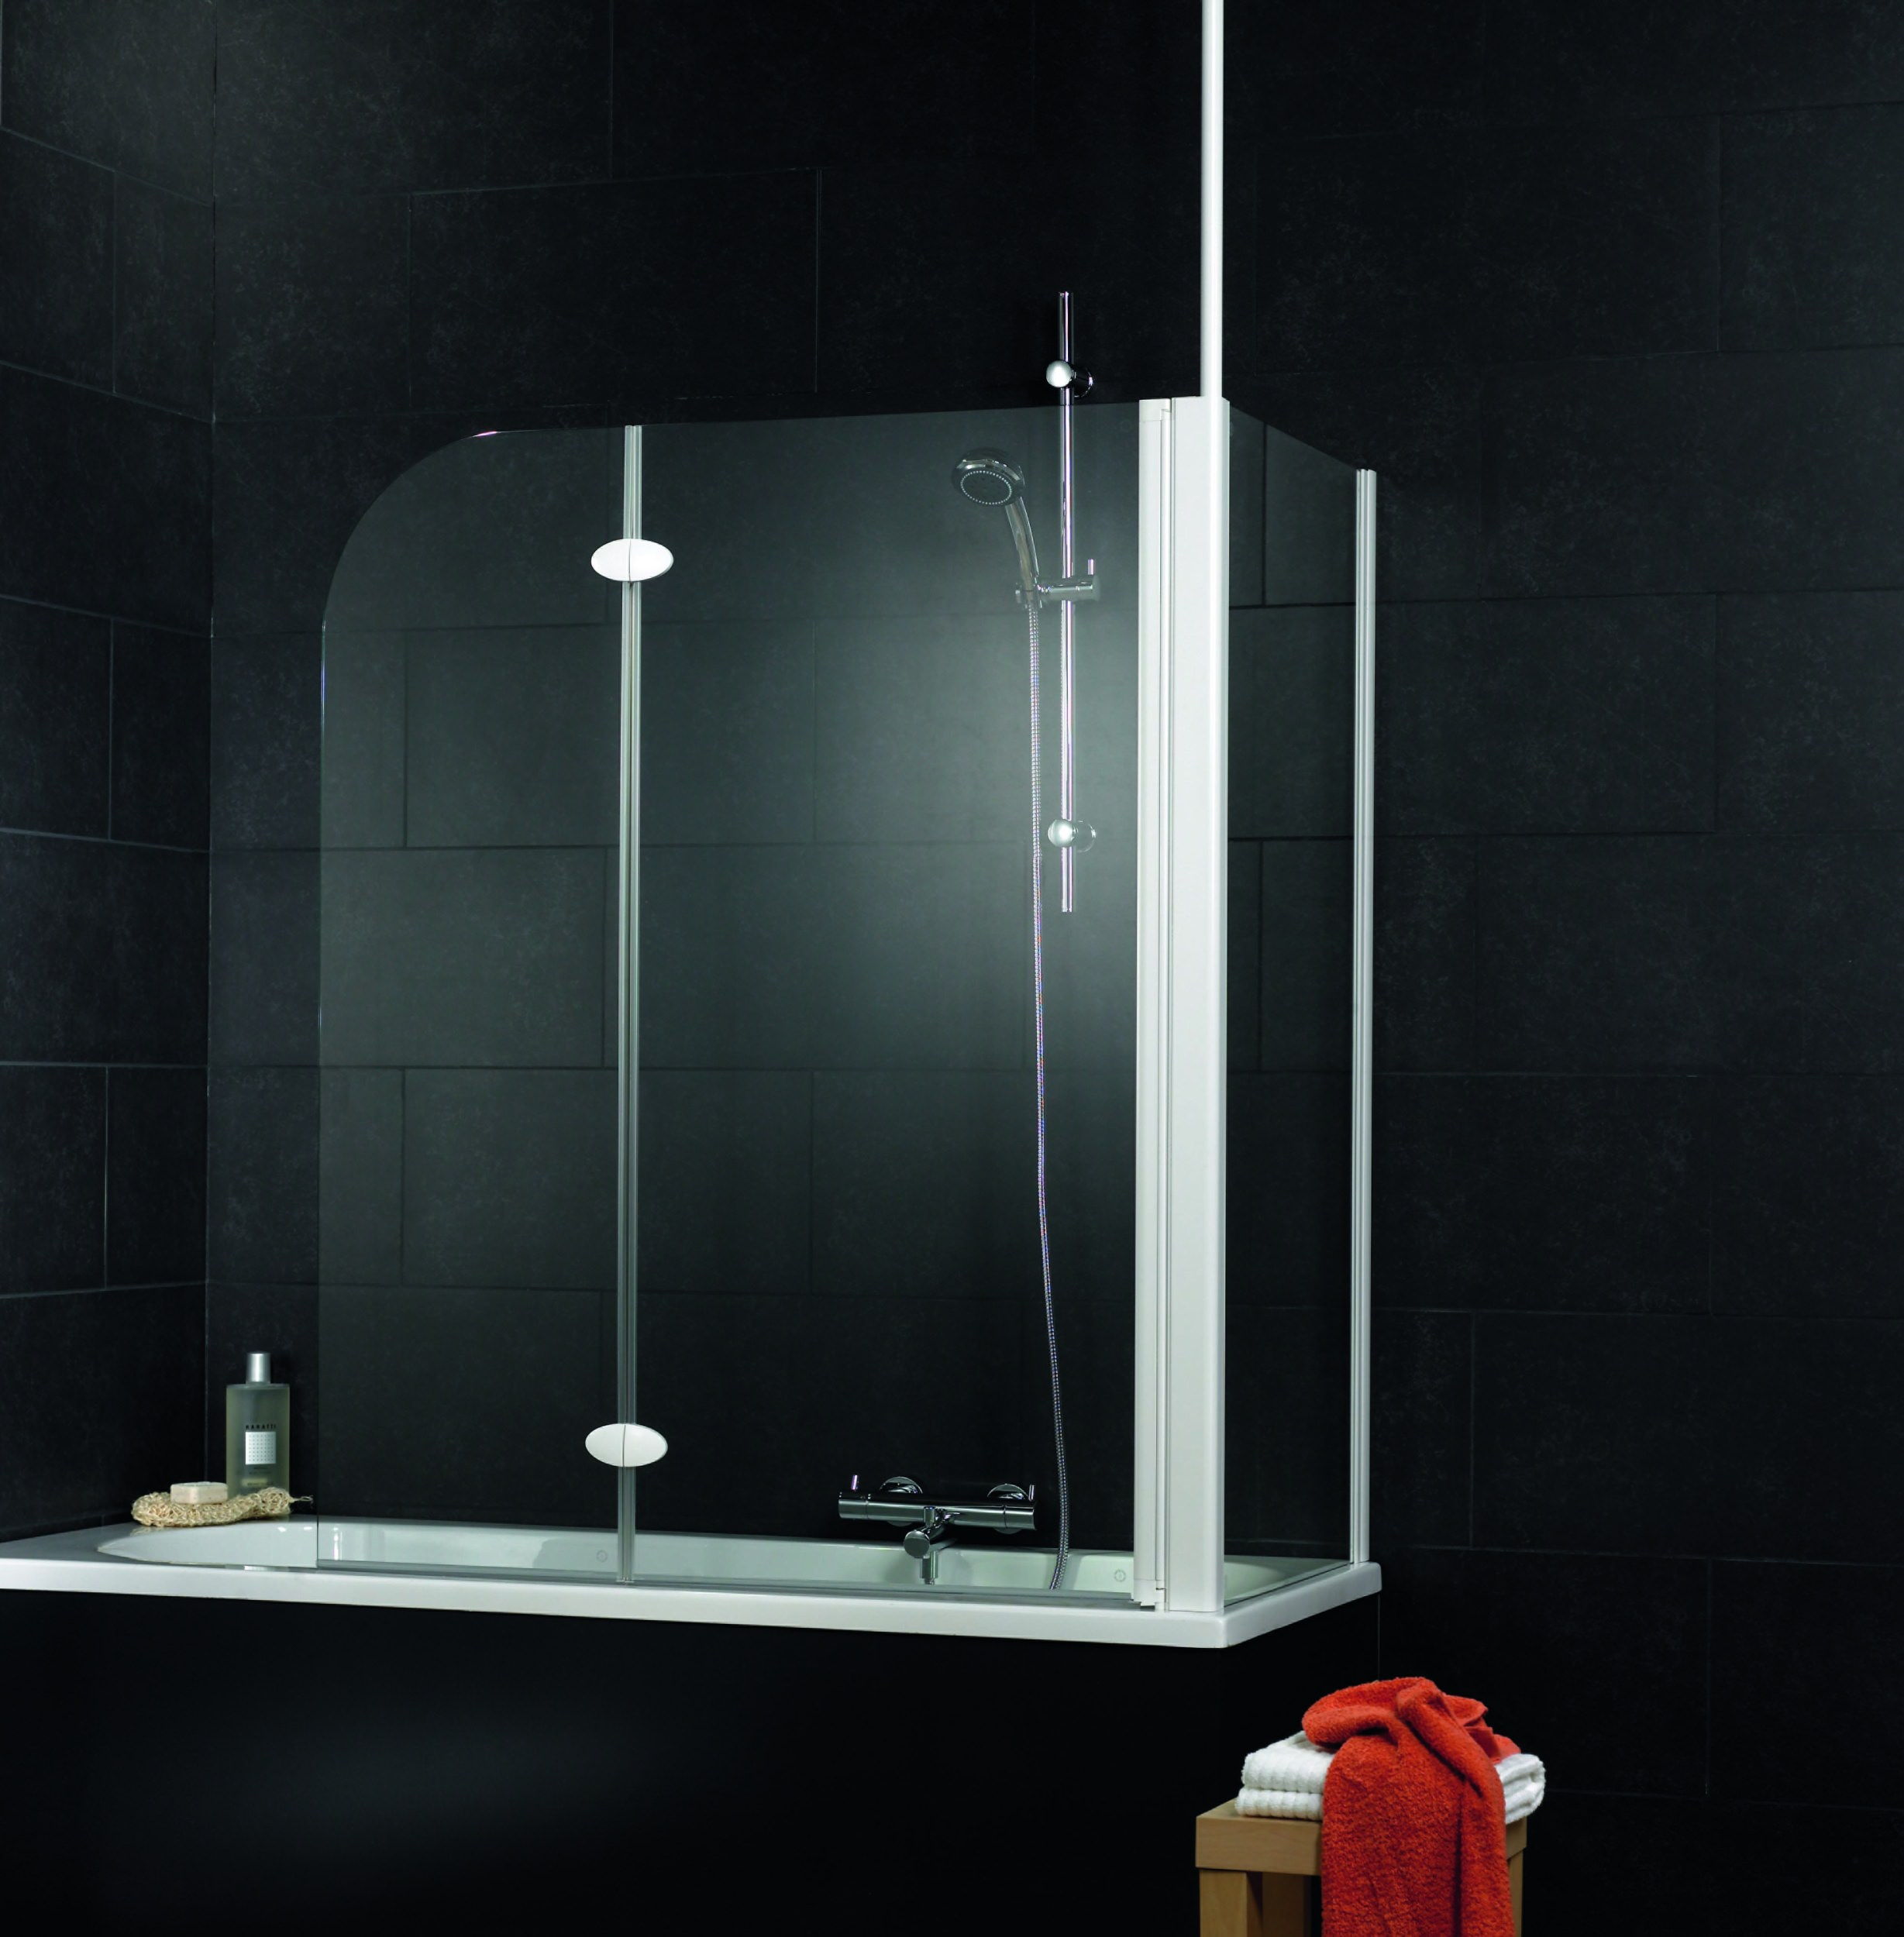 schulte komfort badewannenfaltwand 2 teilig mit seitenwand klar hell alunatur 1145mm d3380 01. Black Bedroom Furniture Sets. Home Design Ideas